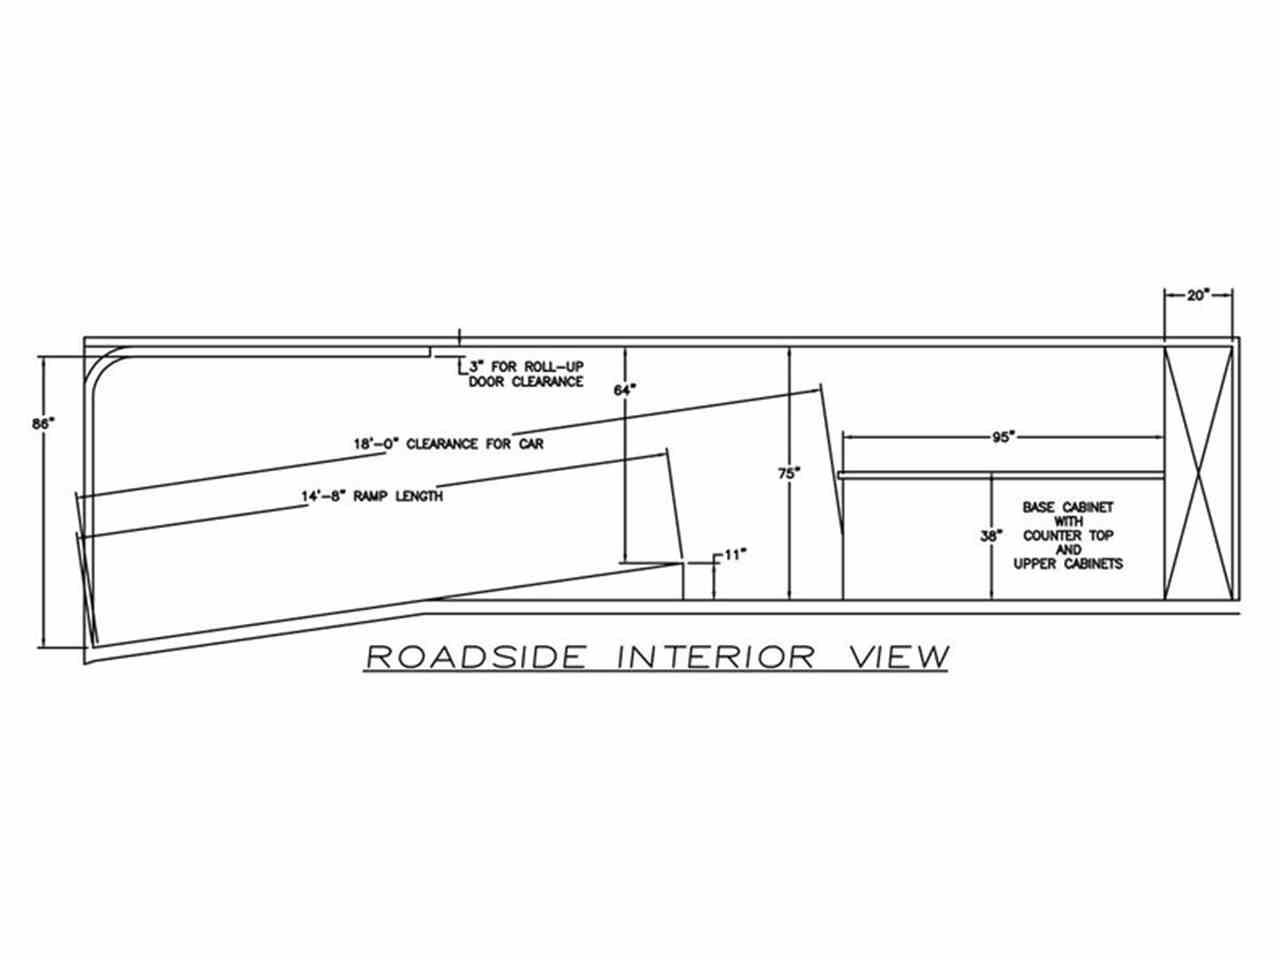 1982 el camino wiring diagram